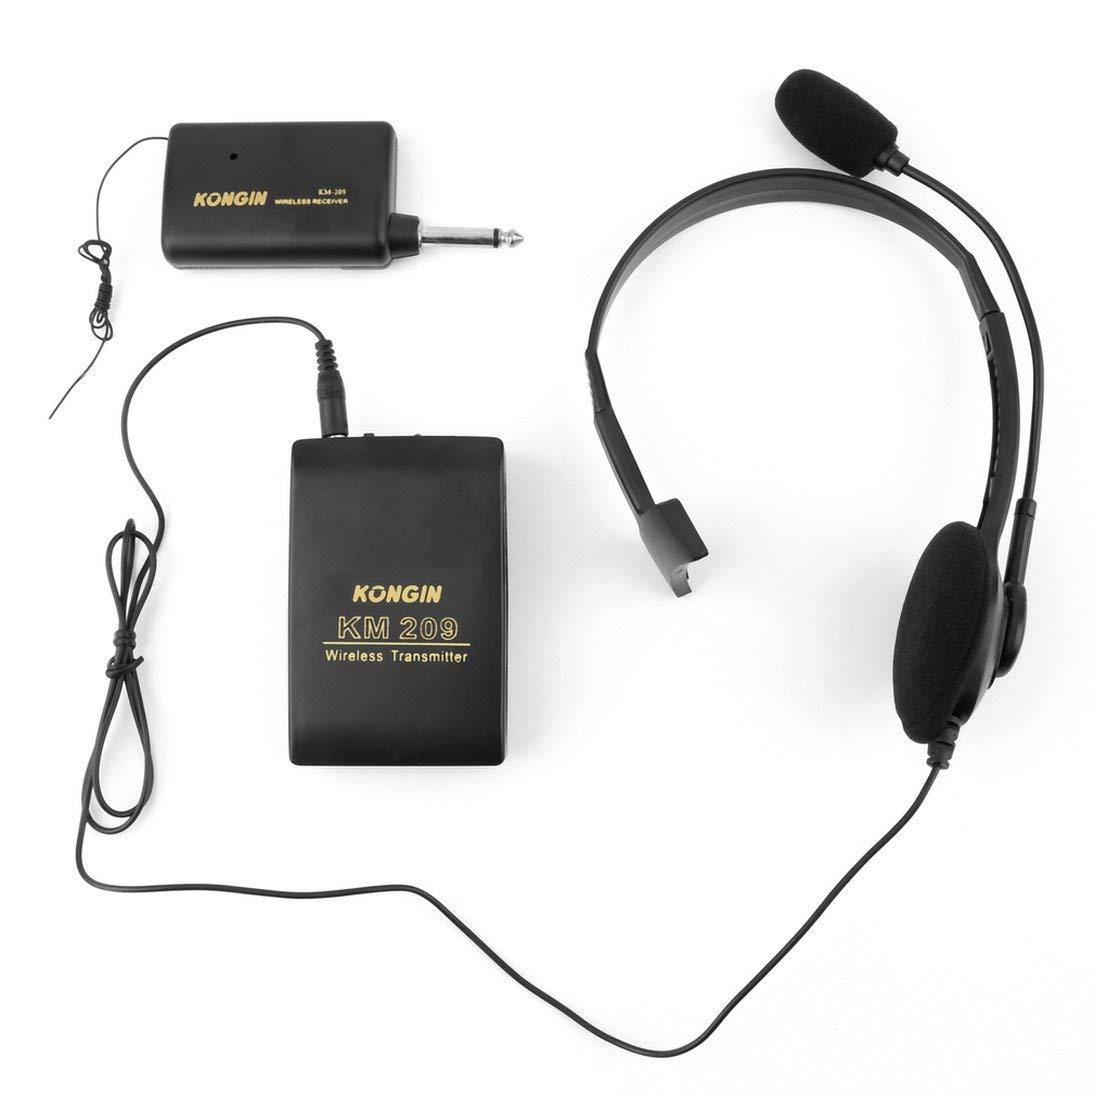 WEIHAN Etapa VHF port/átil Sistema de micr/ófono de micr/ófono de Solapa lavalier inal/ámbrico Micr/ófono Transmisor FM Transmisor de Cuerpo